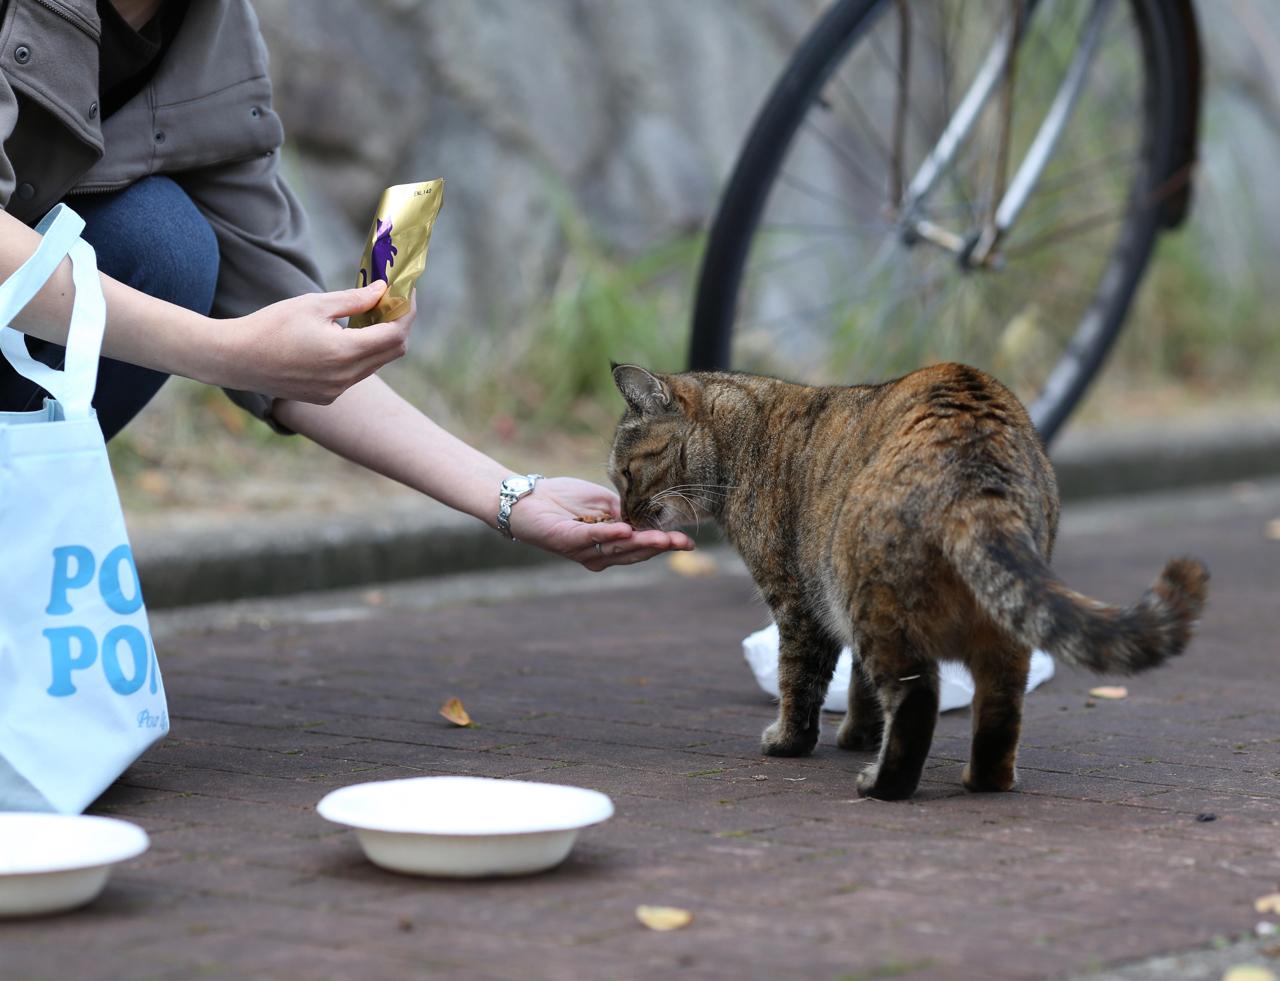 手から食べる